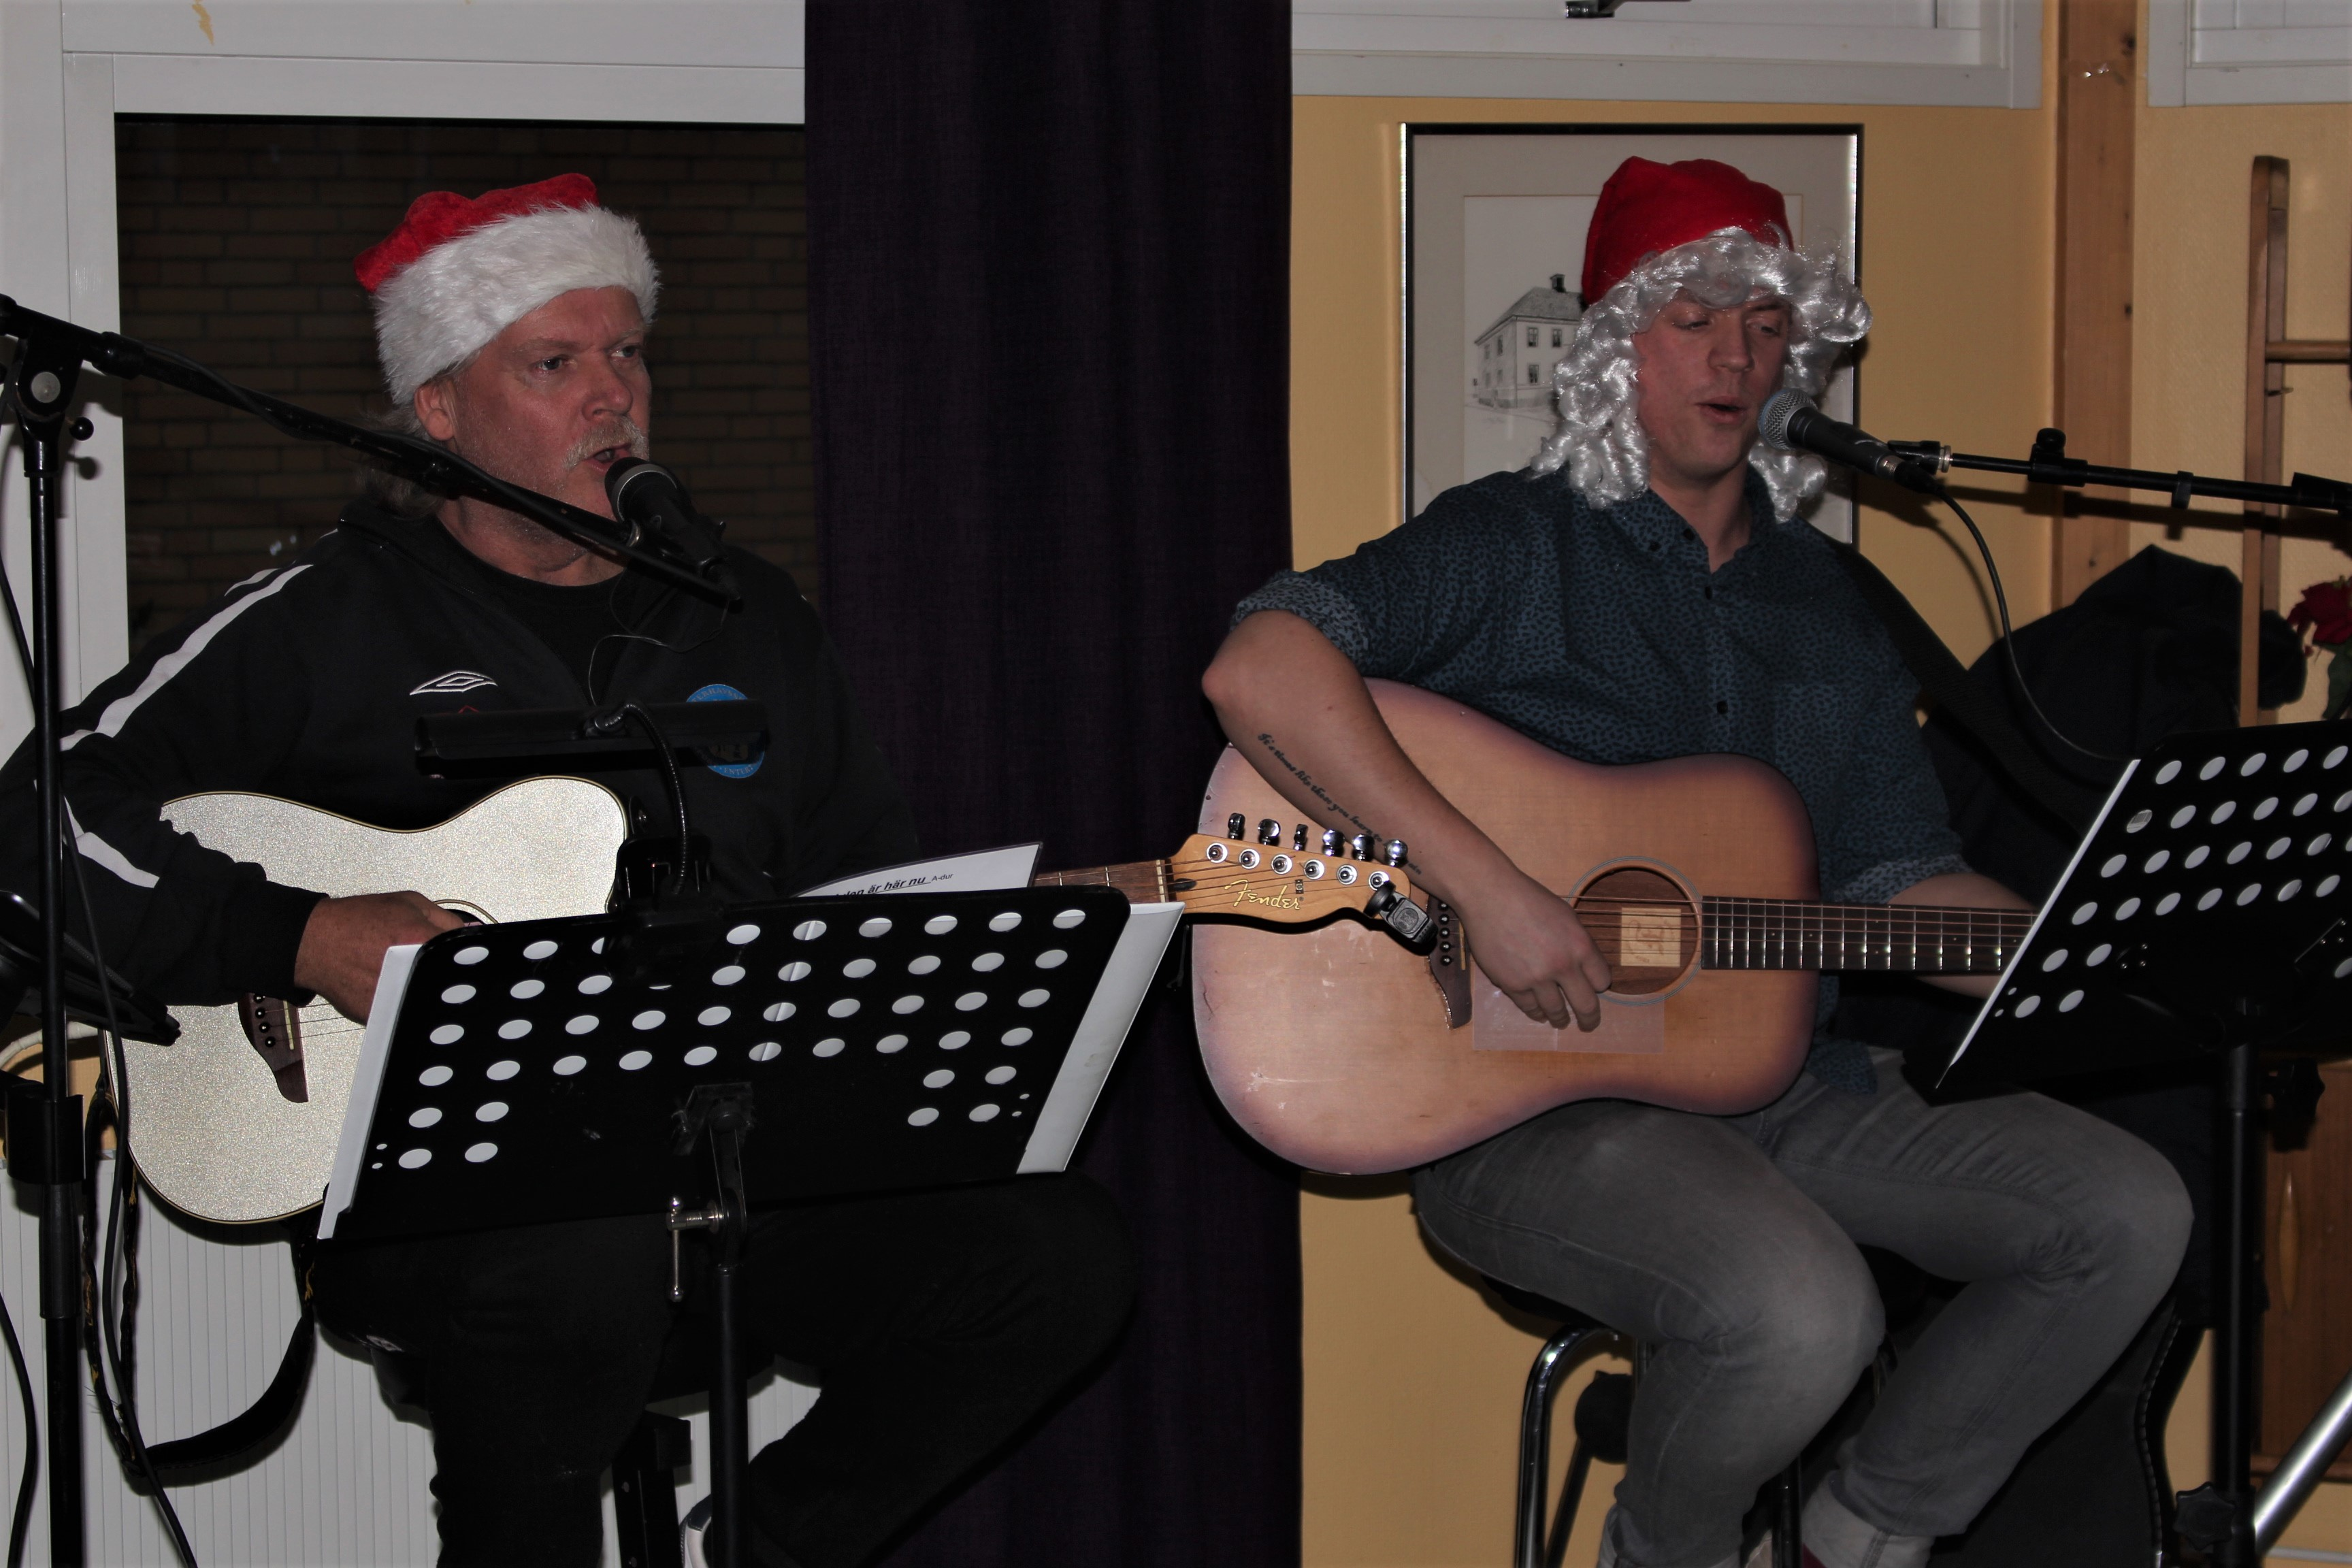 Christer och Rasmus spelar gitarr och sjunger